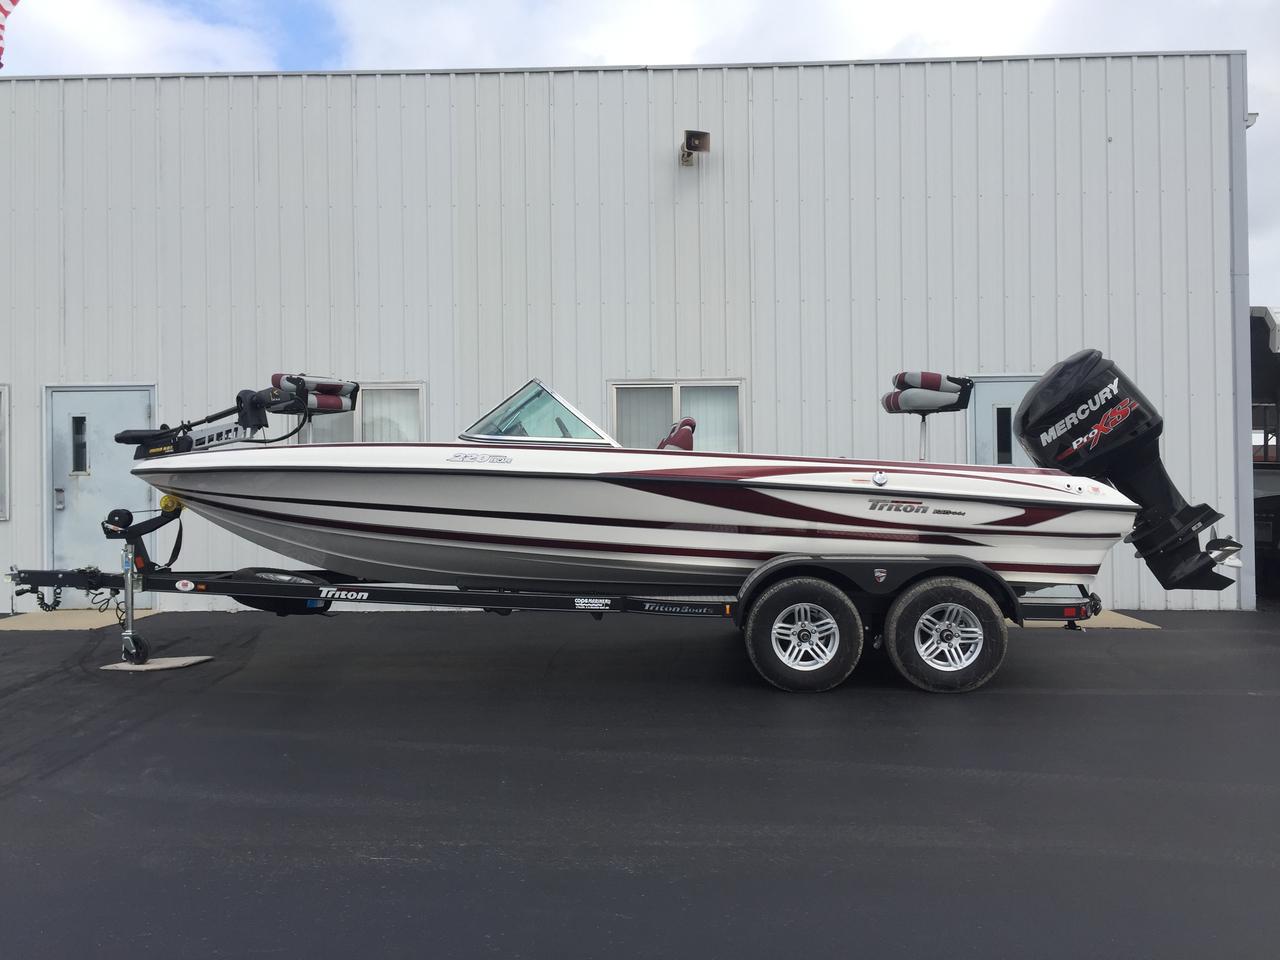 2017 new triton boats 220 escape ski and fish boat for for Triton fish and ski